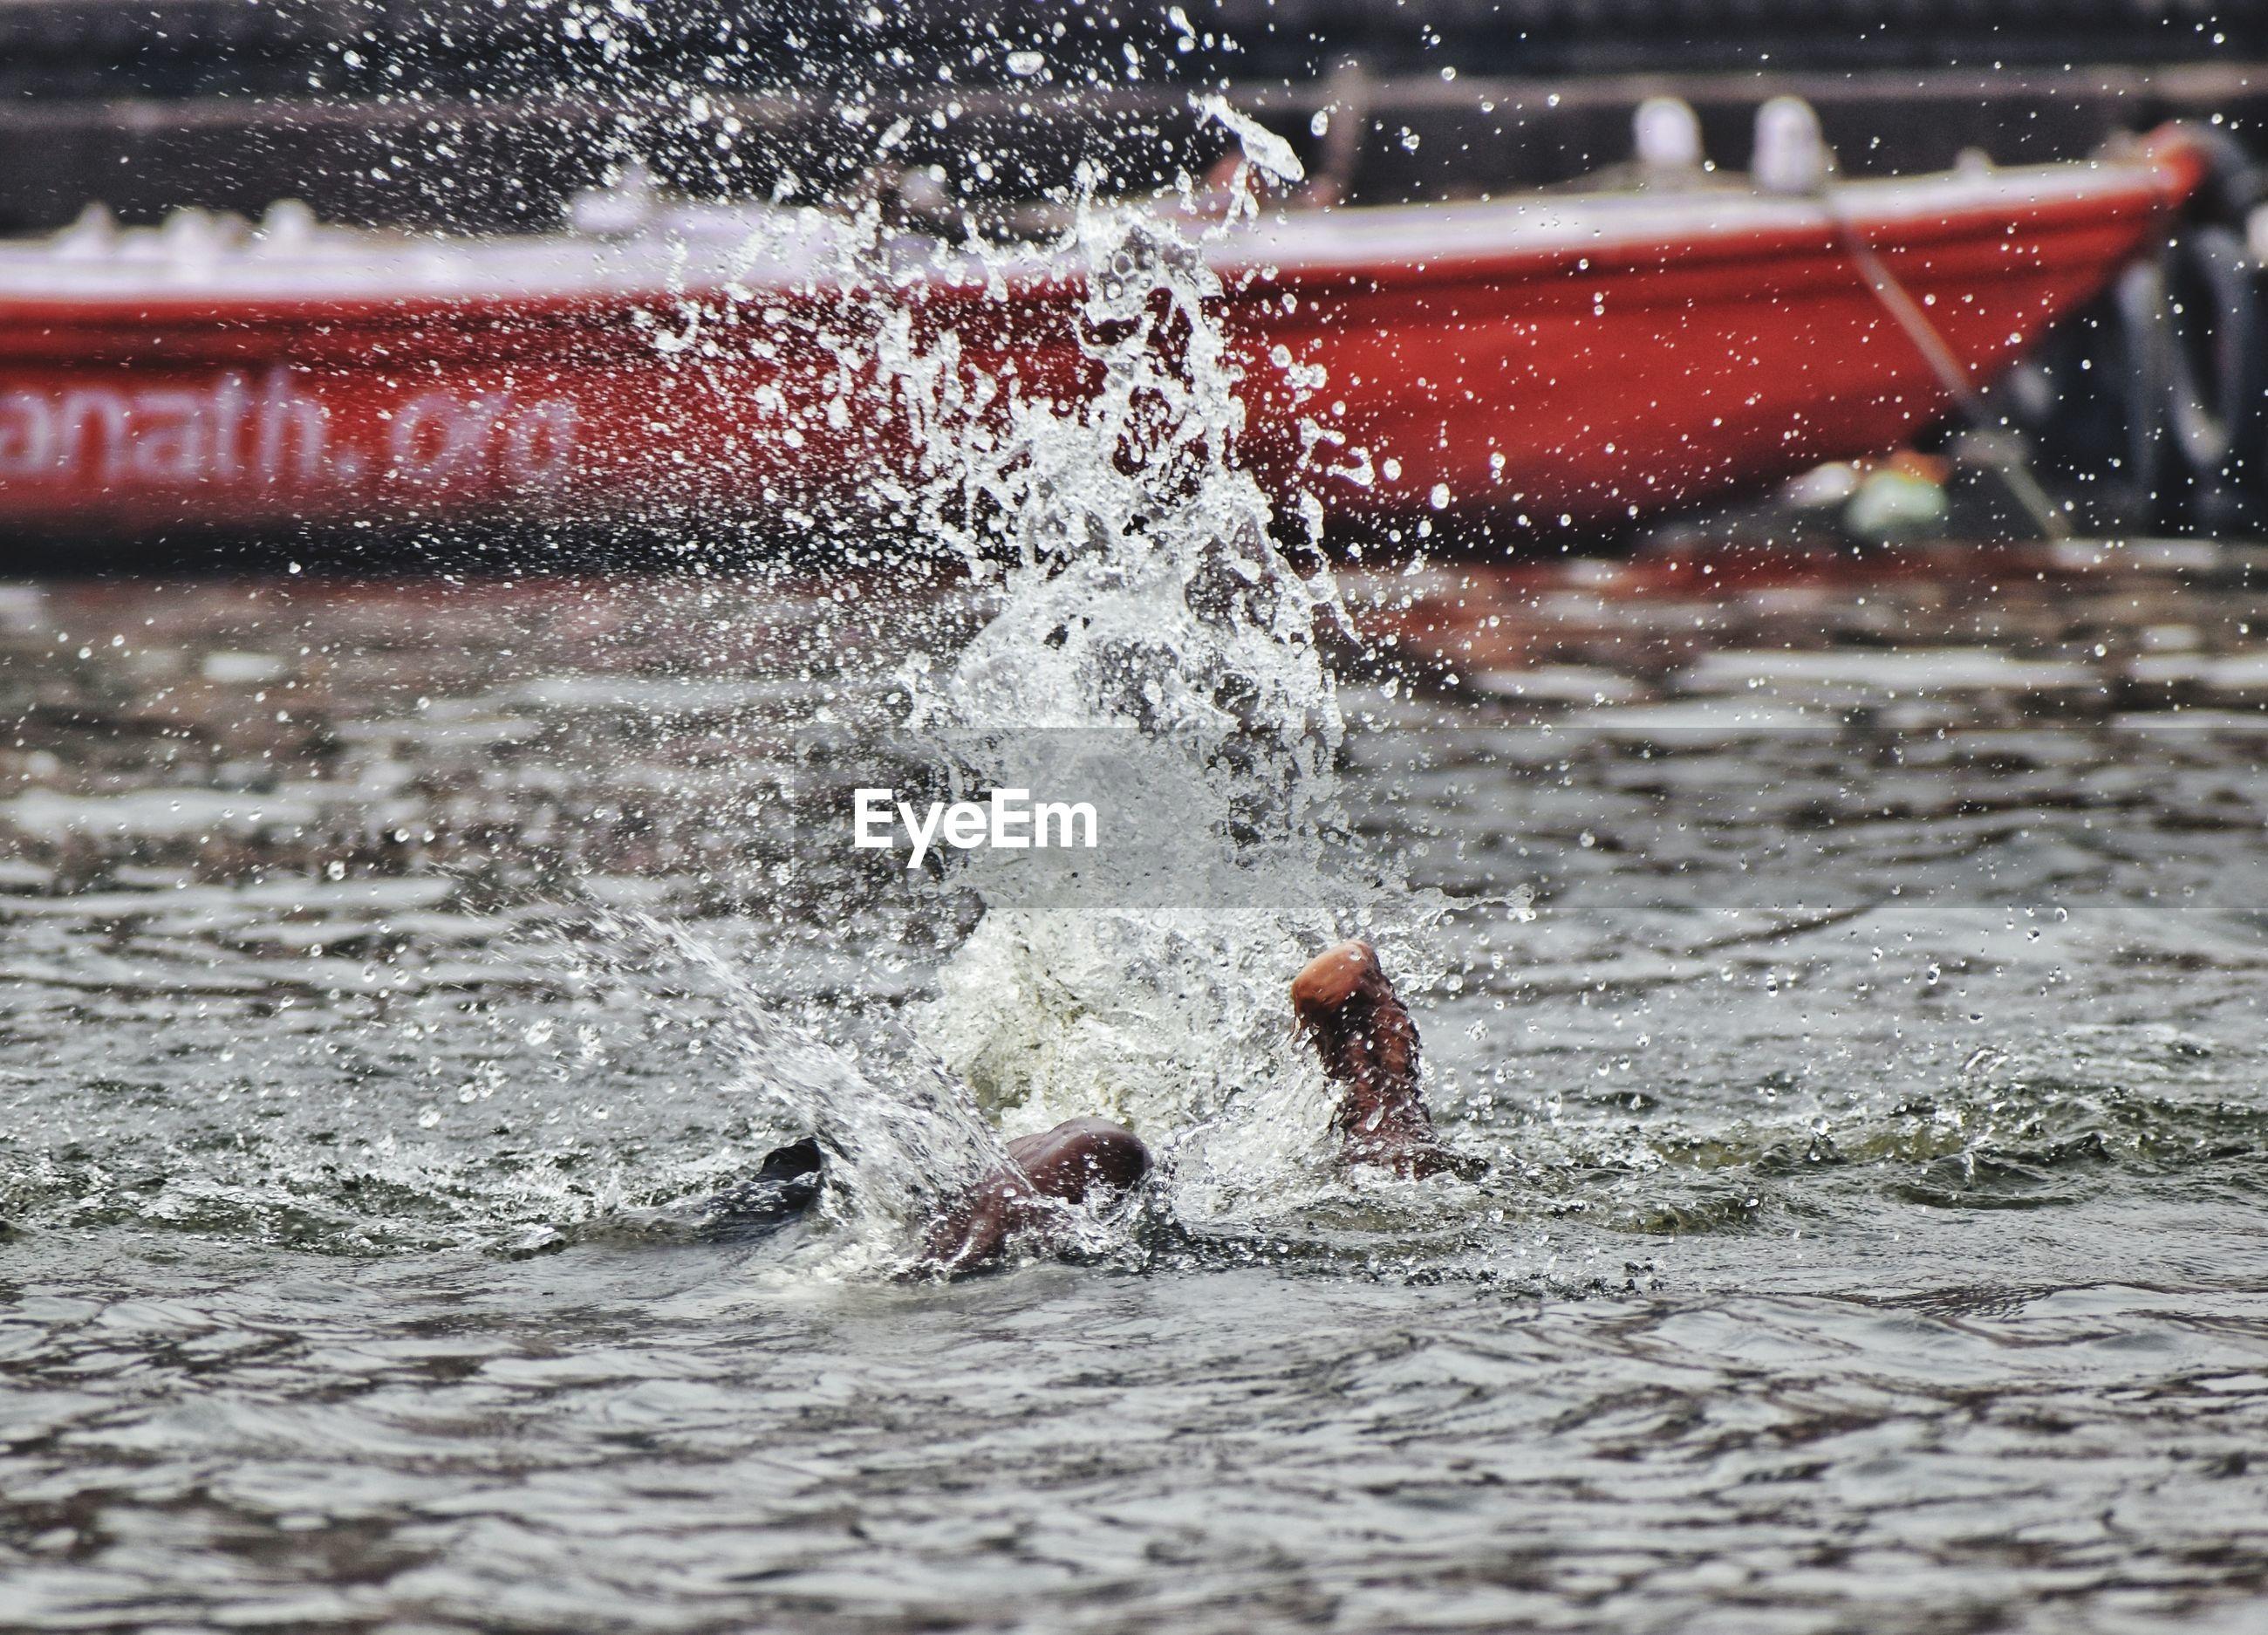 Bird splashing water in lake